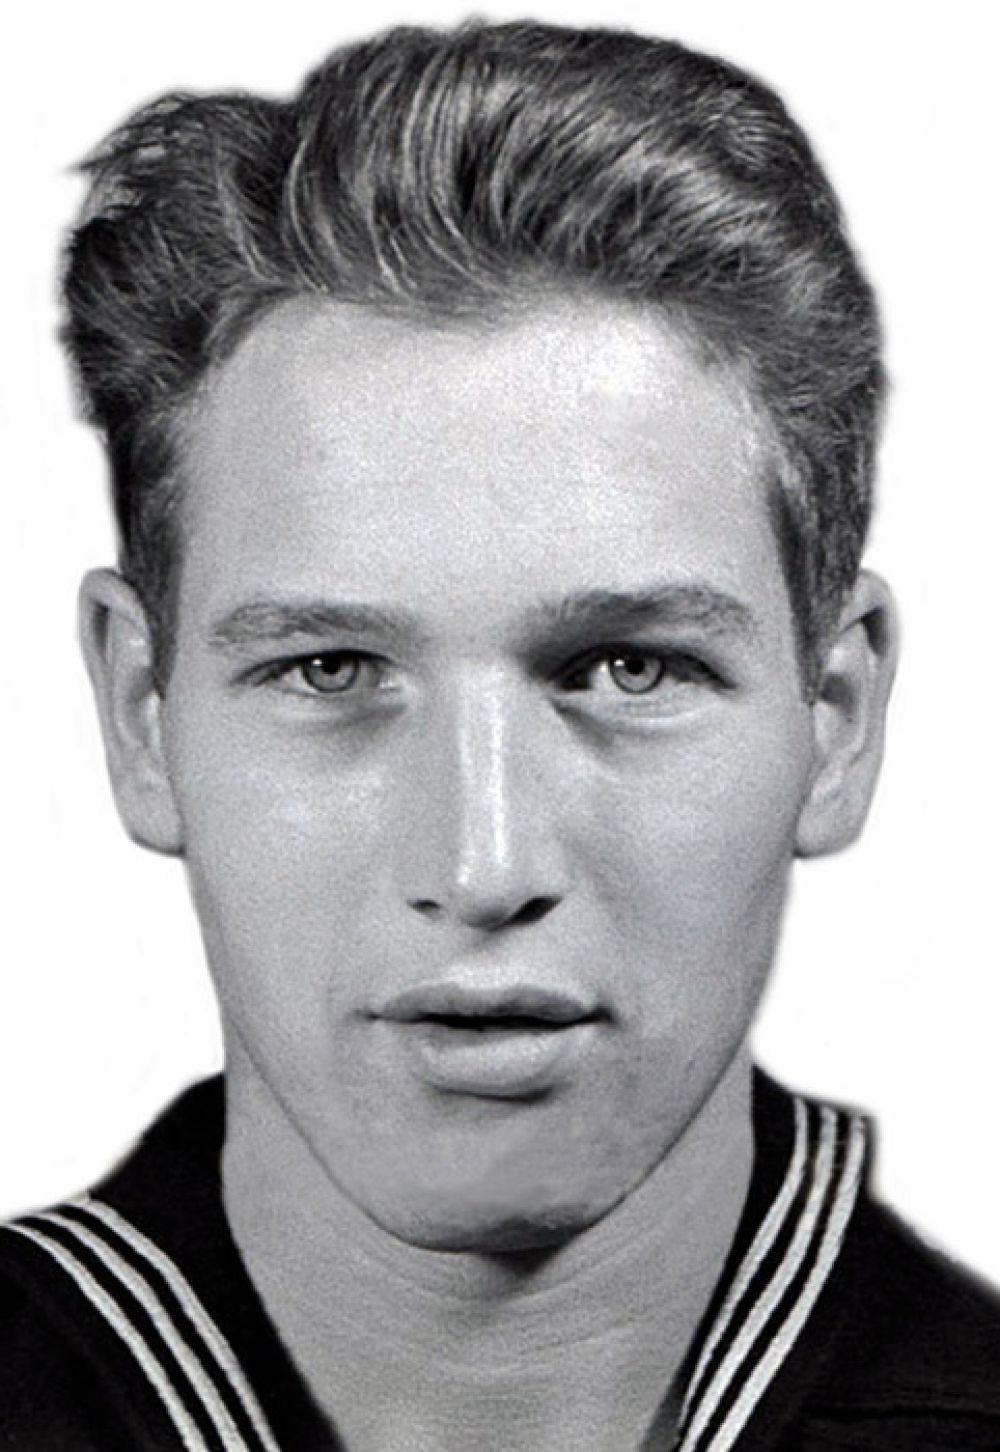 Пол Ньюман родился 26 января 1925 года в Кливленде. Он служил на флоте, а после войны унаследовал от отца магазин спортивных товаров. Но мечтою Ньюмана было стать актером: распродав имущество, он поступил в Школу актерского мастерства Йельского университета .